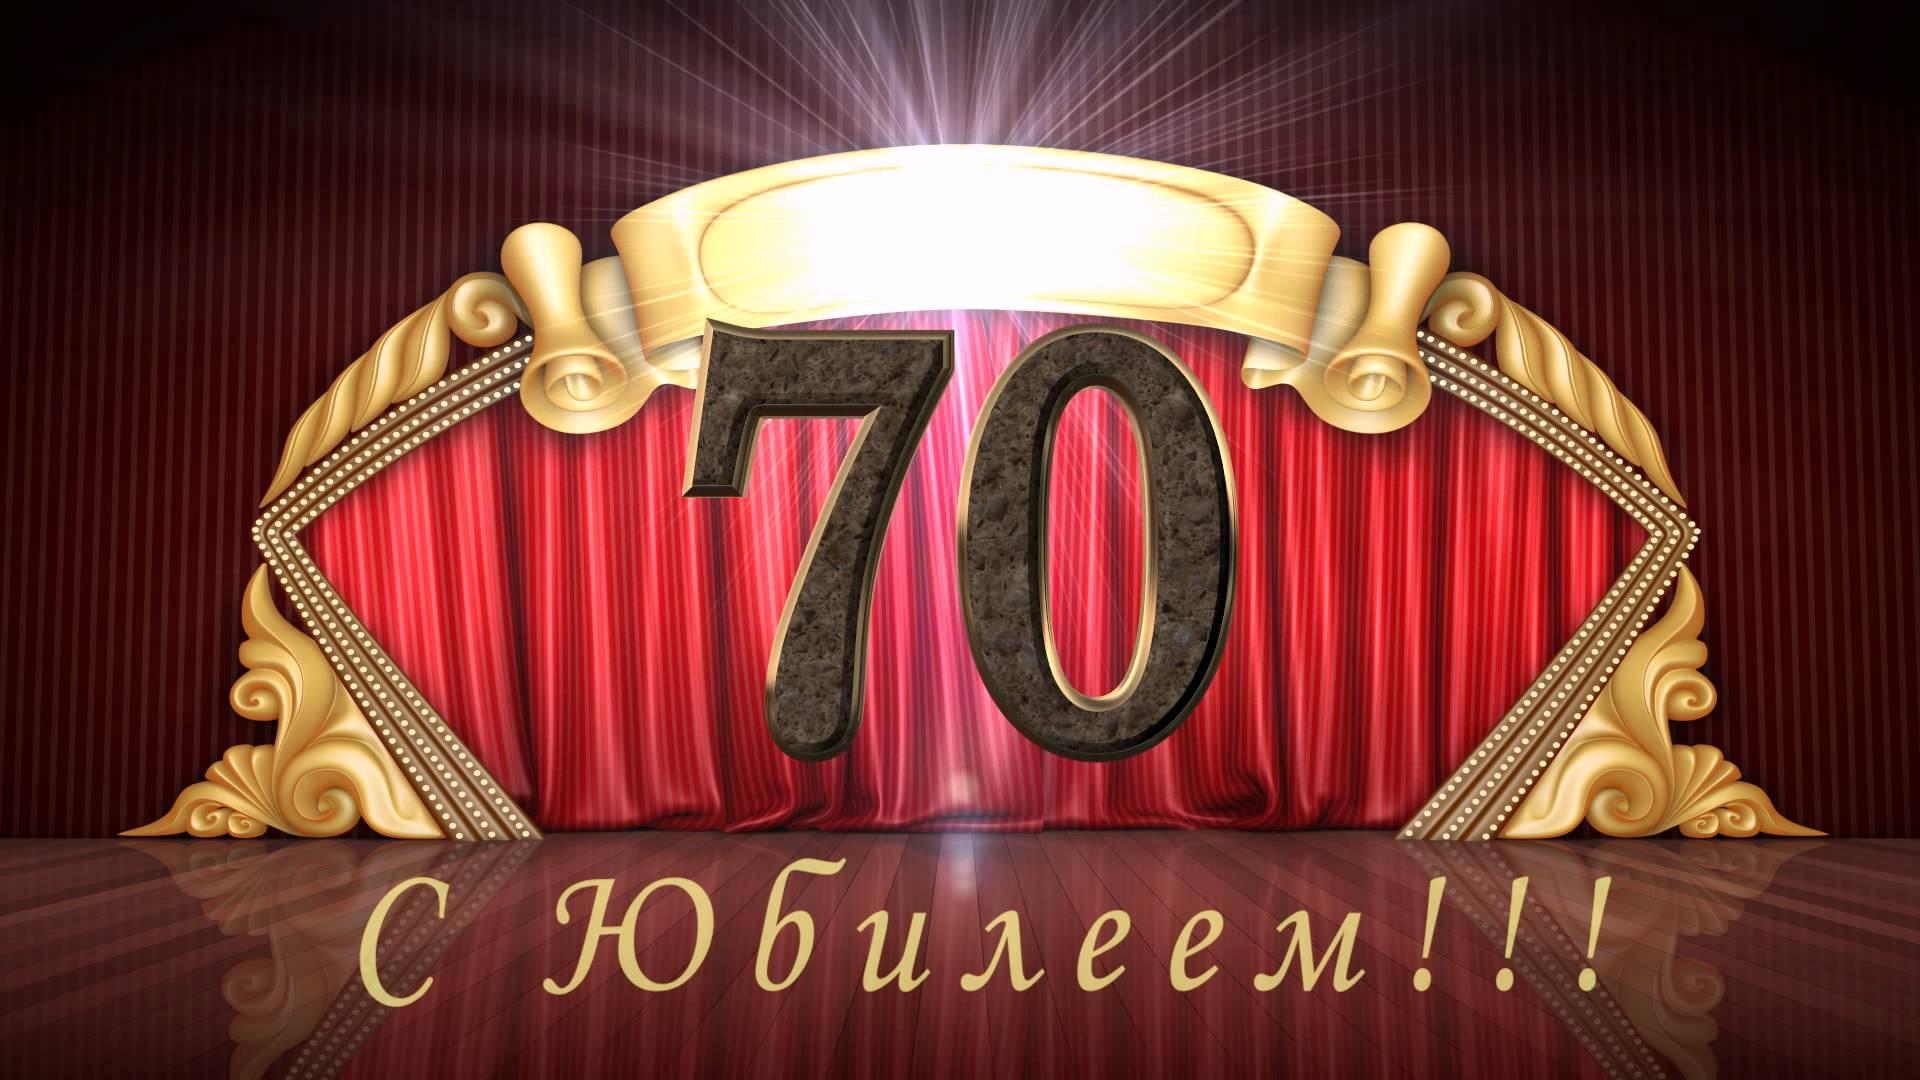 http://sc7lipetsk.ucoz.ru/Foto/oxkokQan6ik-hd-image.jpg